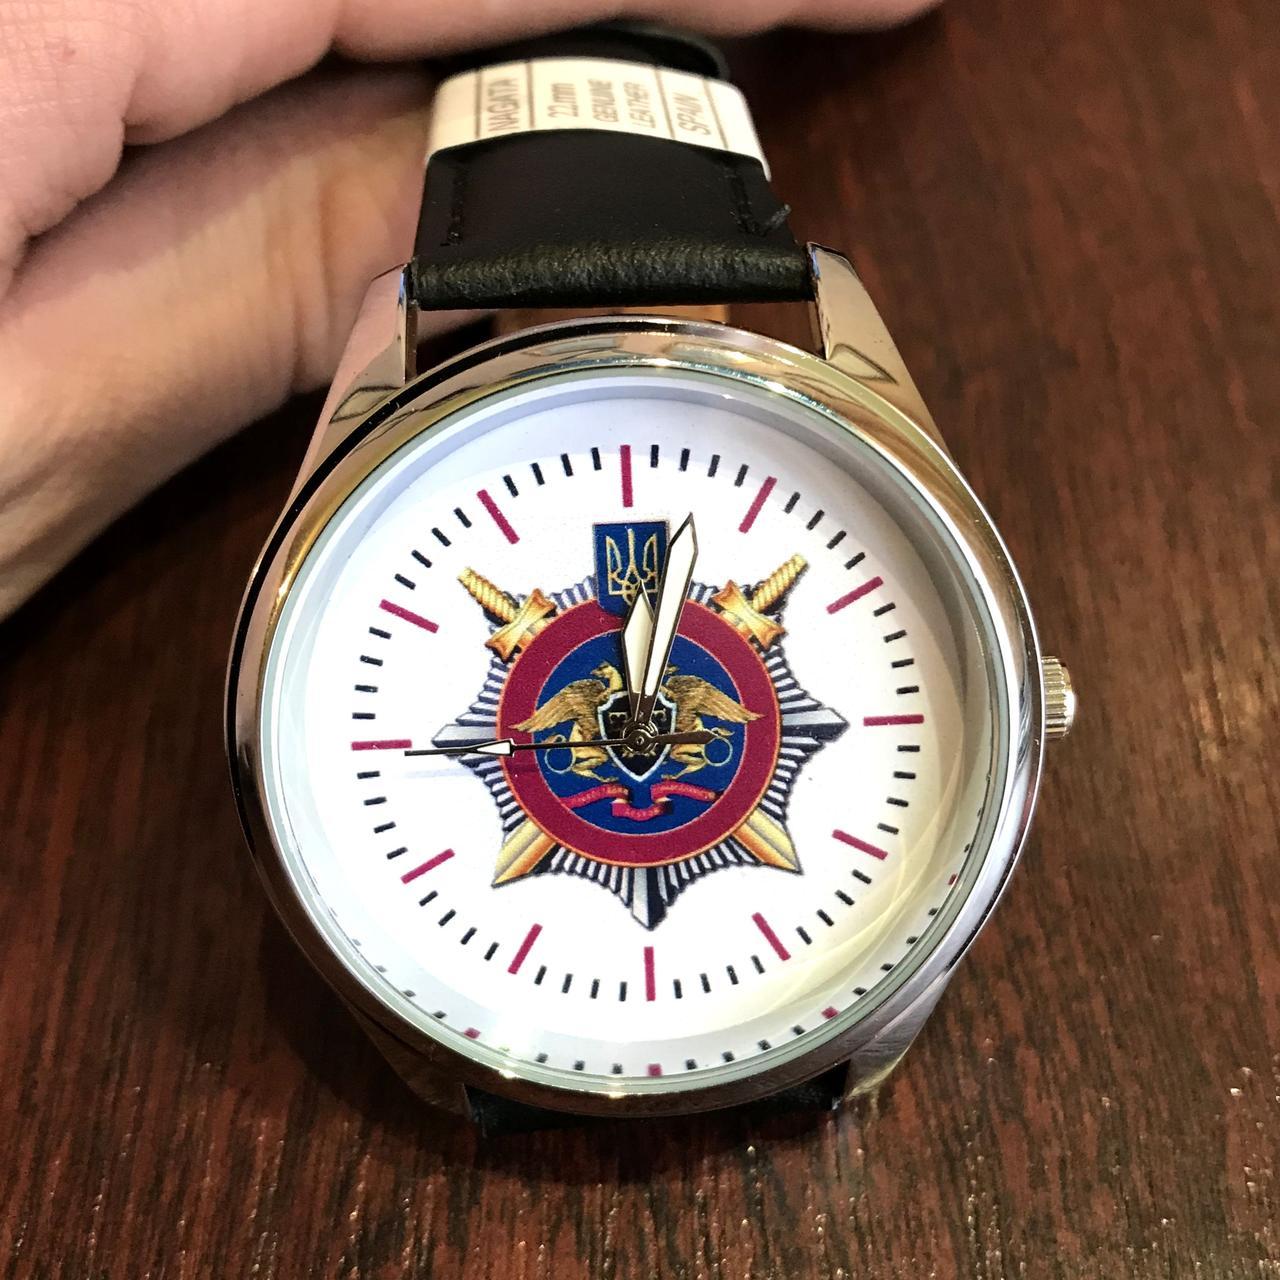 Годинники наручні з логотипом ДКВС (Державна кримінально-виконавча служба України)